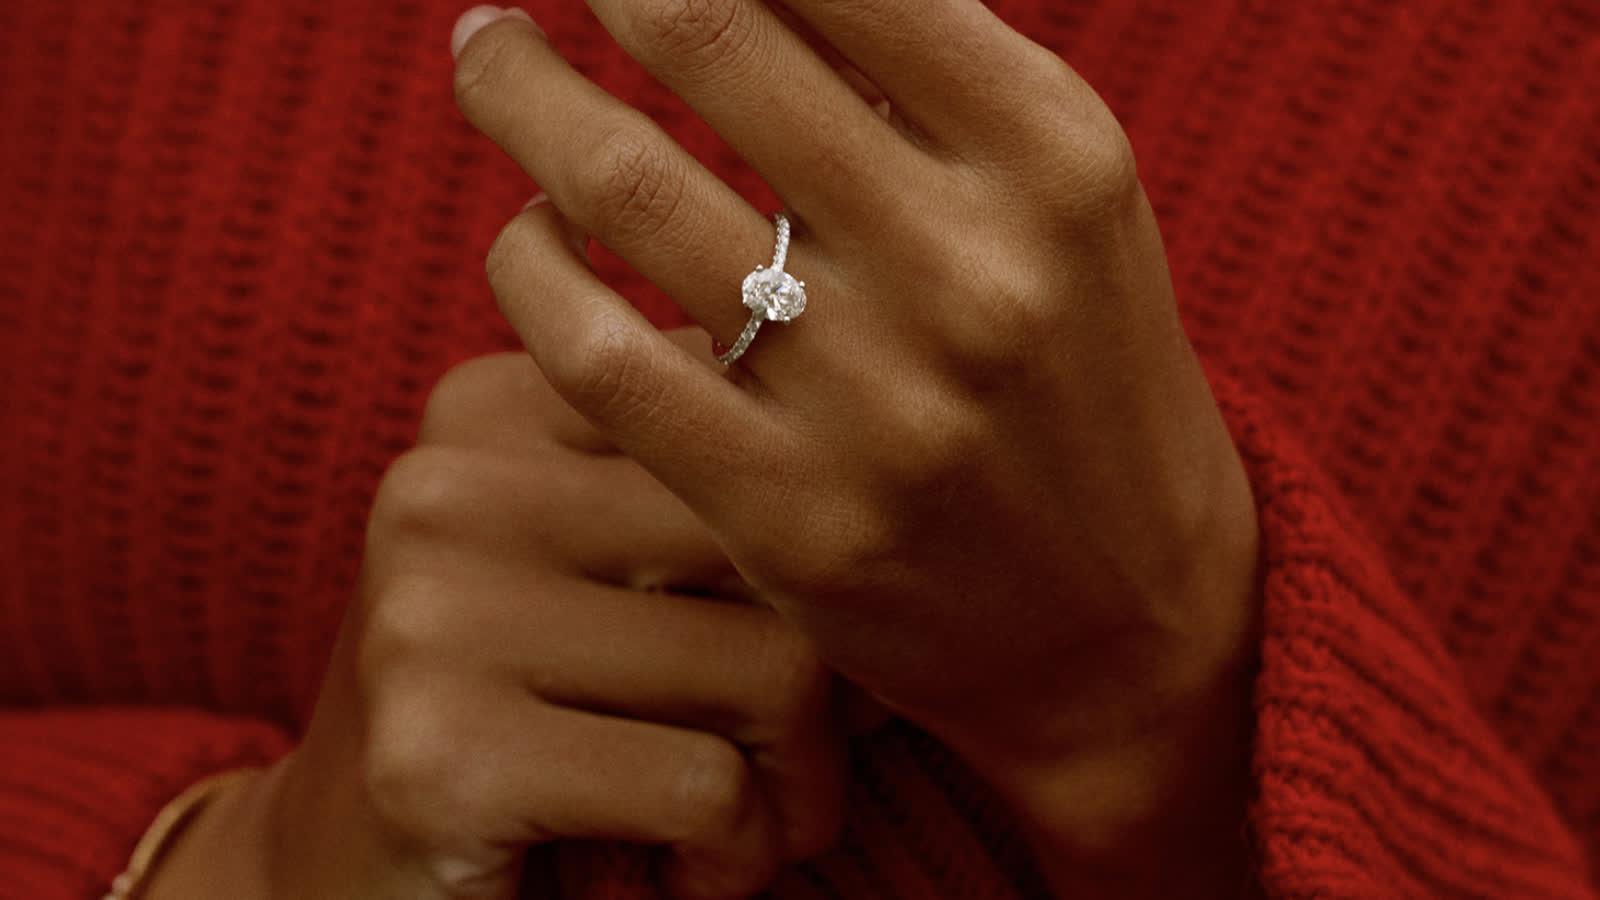 Nachhaltige Verlobungsringe: Meghan Markles liebstes Schmucklabel bringt jetzt Ringe mit Labor-Diamanten auf den Markt